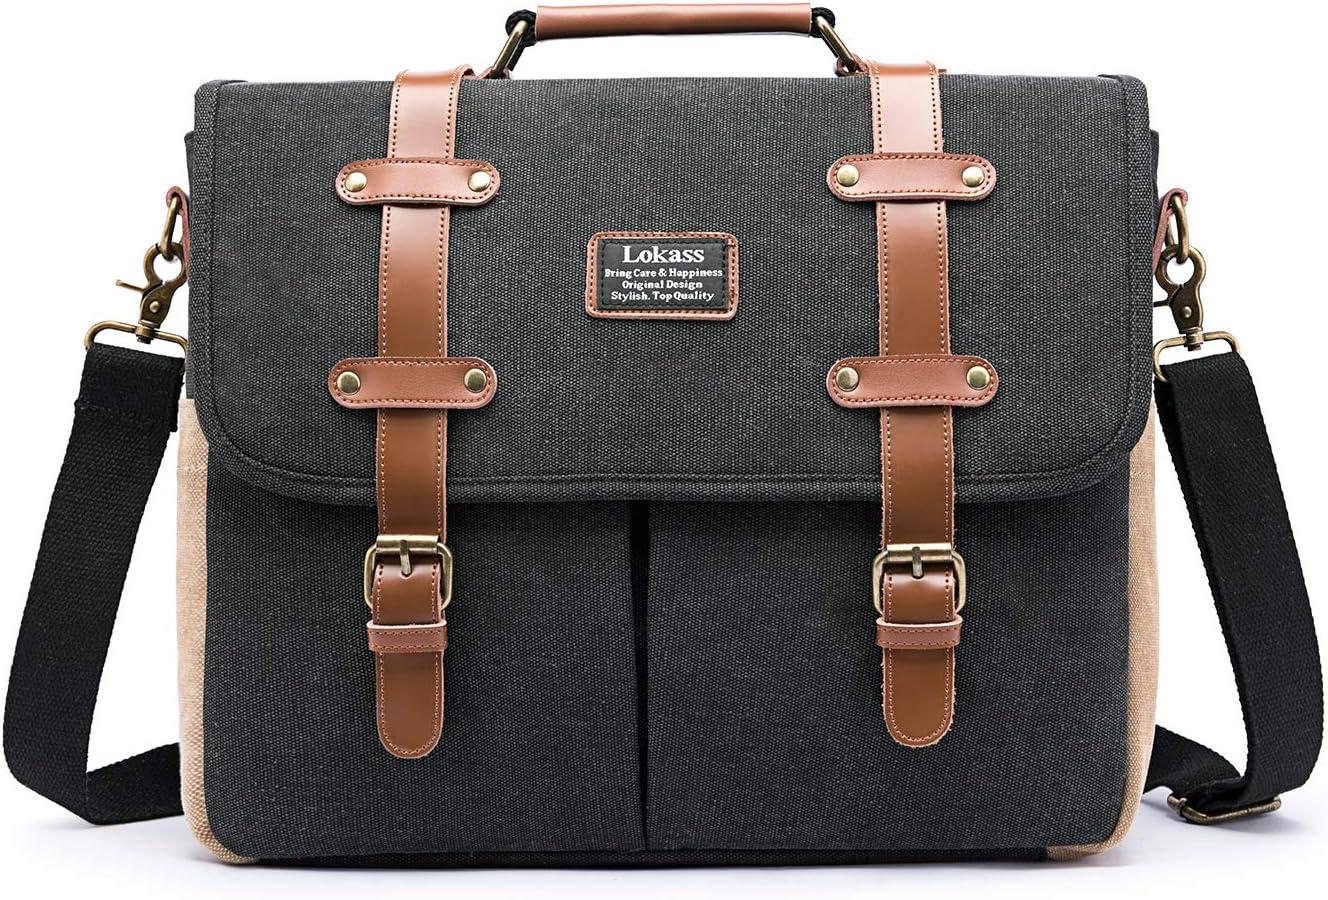 LOKASS Mens Messenger Bag 15.6 Inch Canvas Leather Laptop Bag Shoulder Handbag Business Briefcase Large Vintage Satchel Bookbag Crossbody Bag Computer Bag Case for Men, Work, College, Black